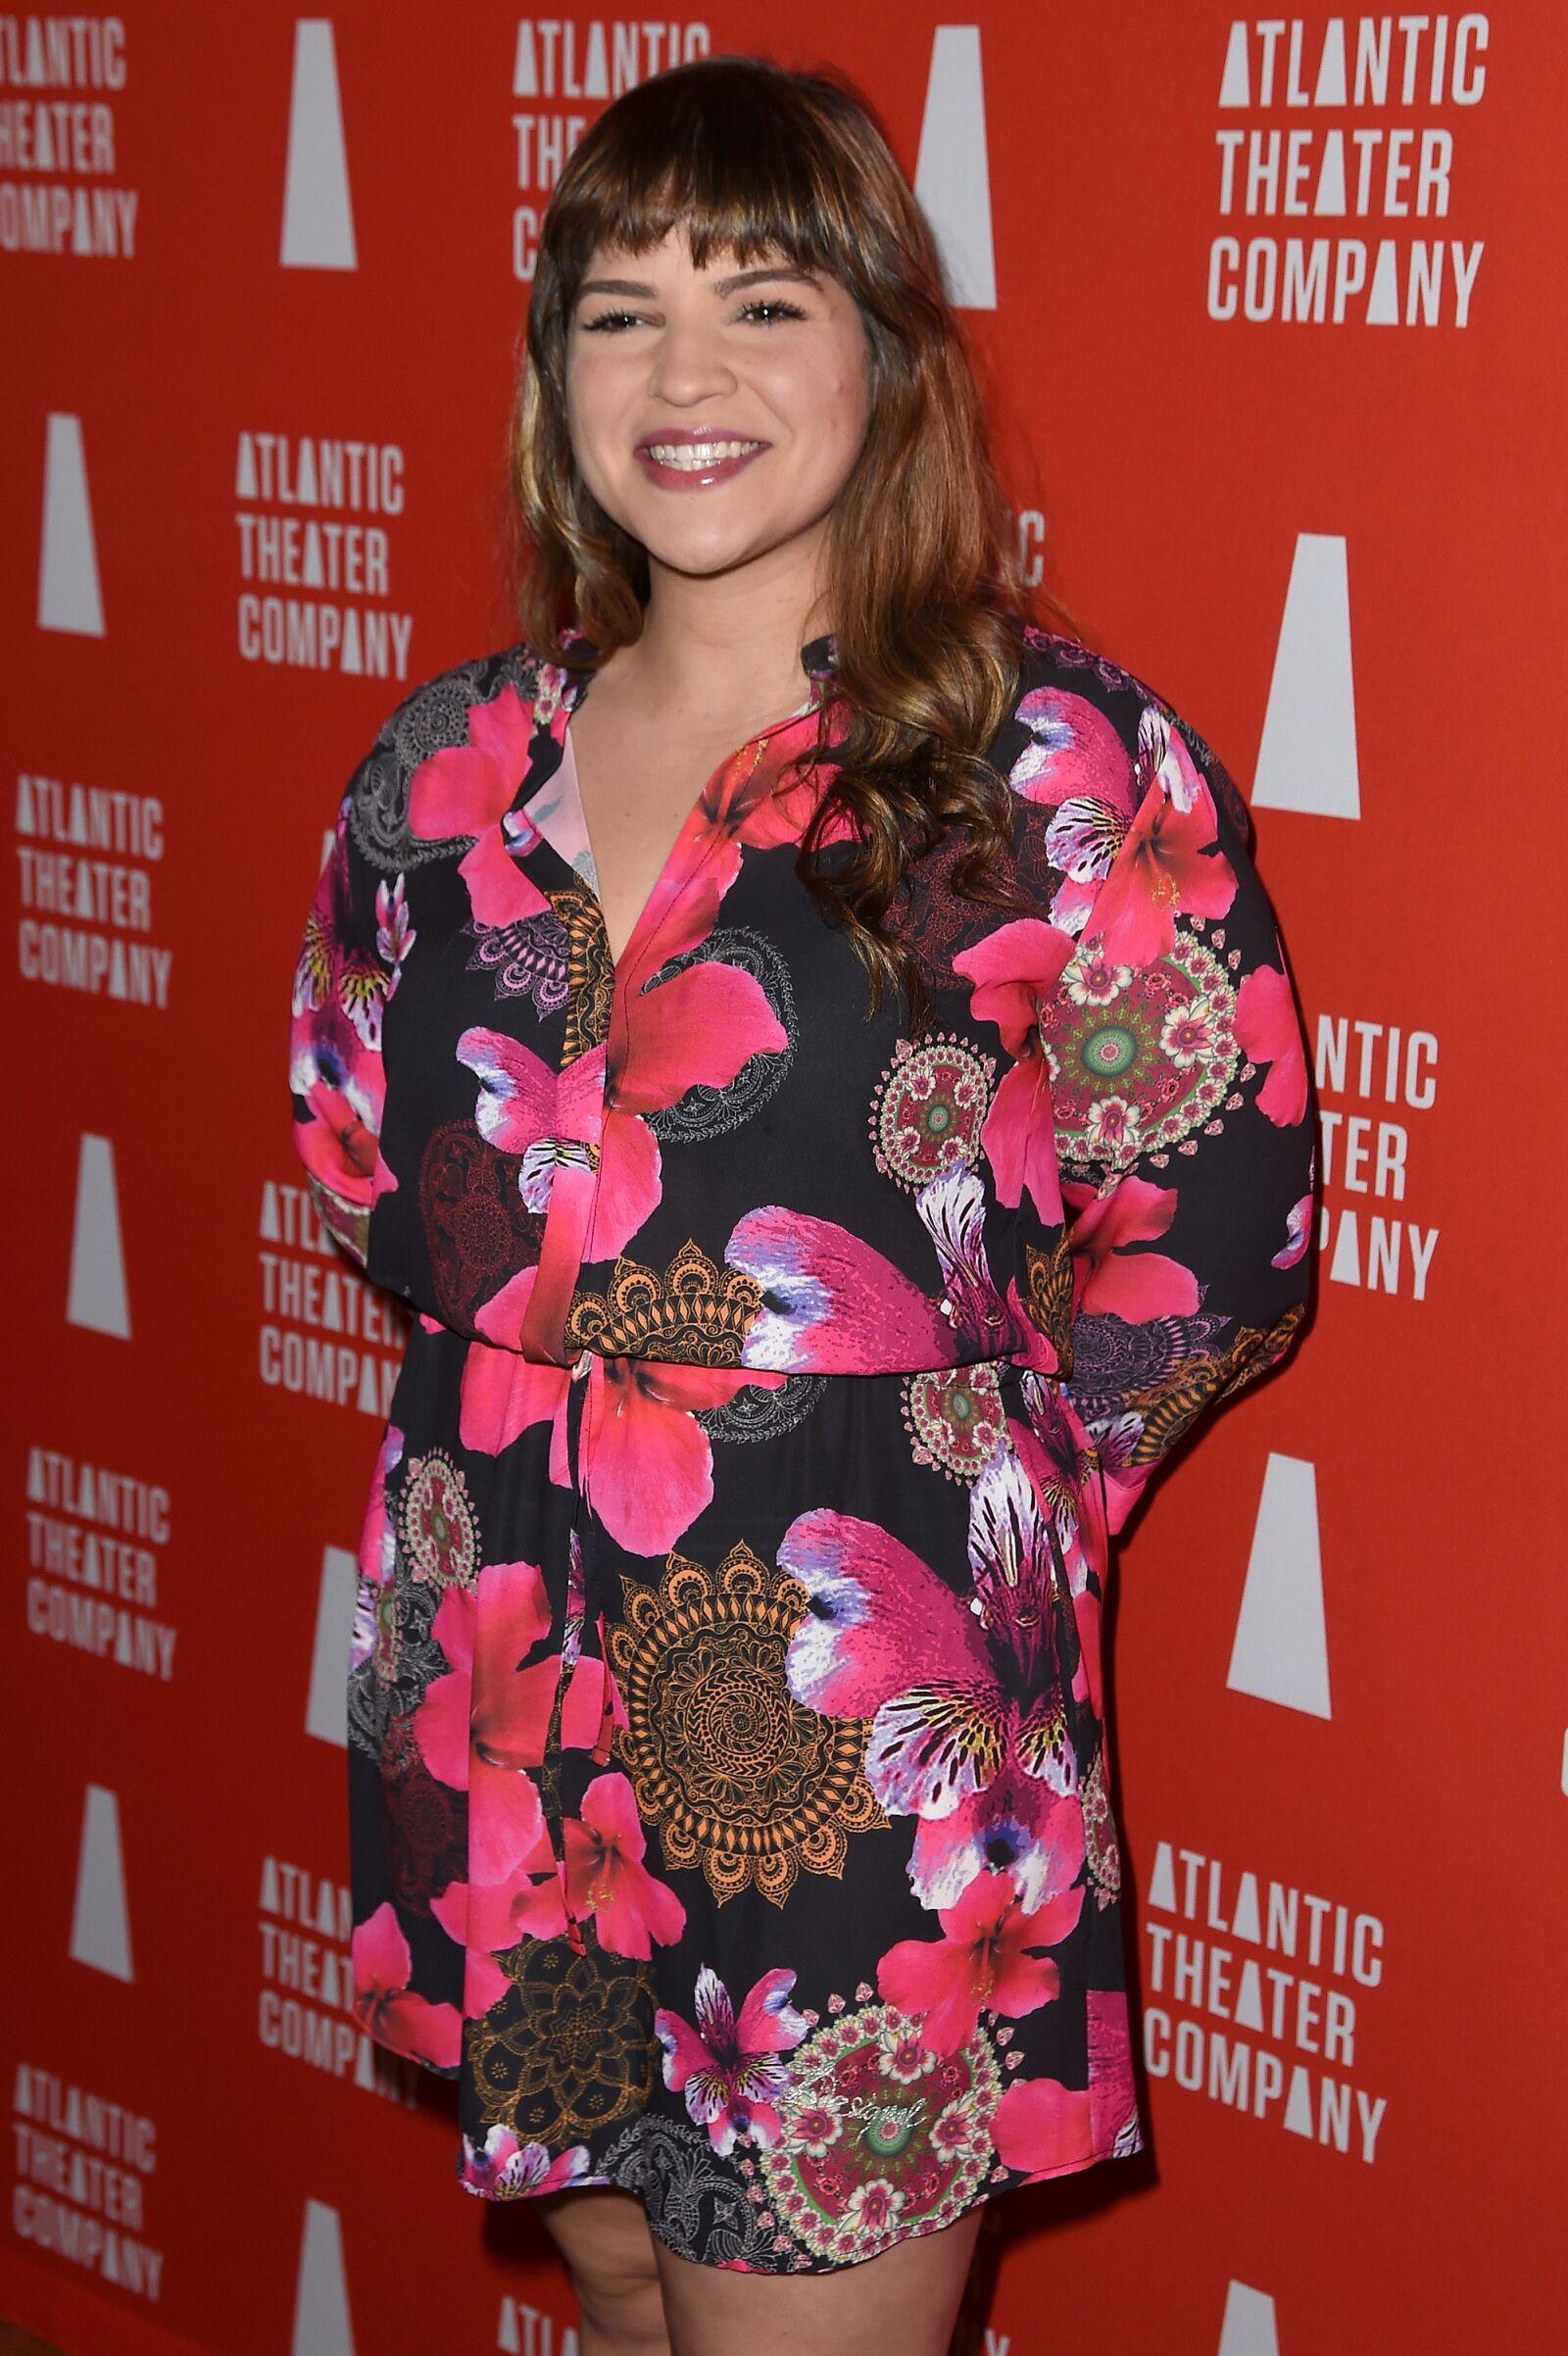 The Walking Dead casts Paola Lazaro as fan favorite Princess